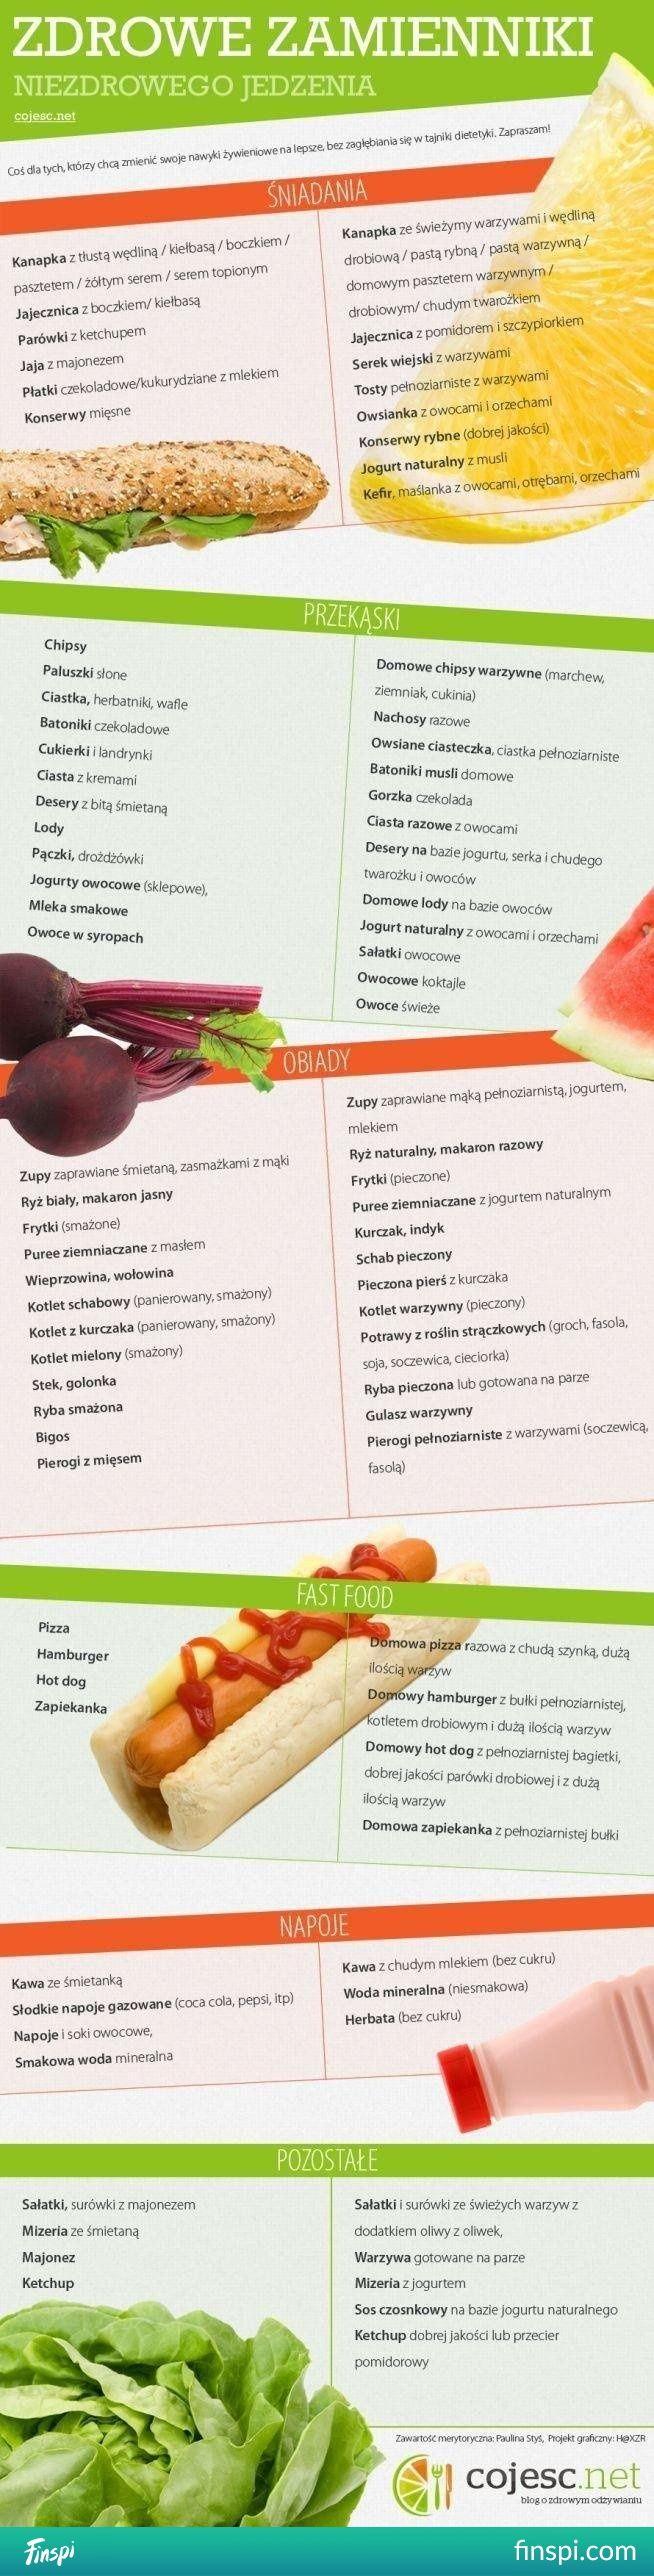 zdrowe zamienniki #jedzenie #kuchnia #dieta #fitness #fit #odchudzanie #owoce #warzywa